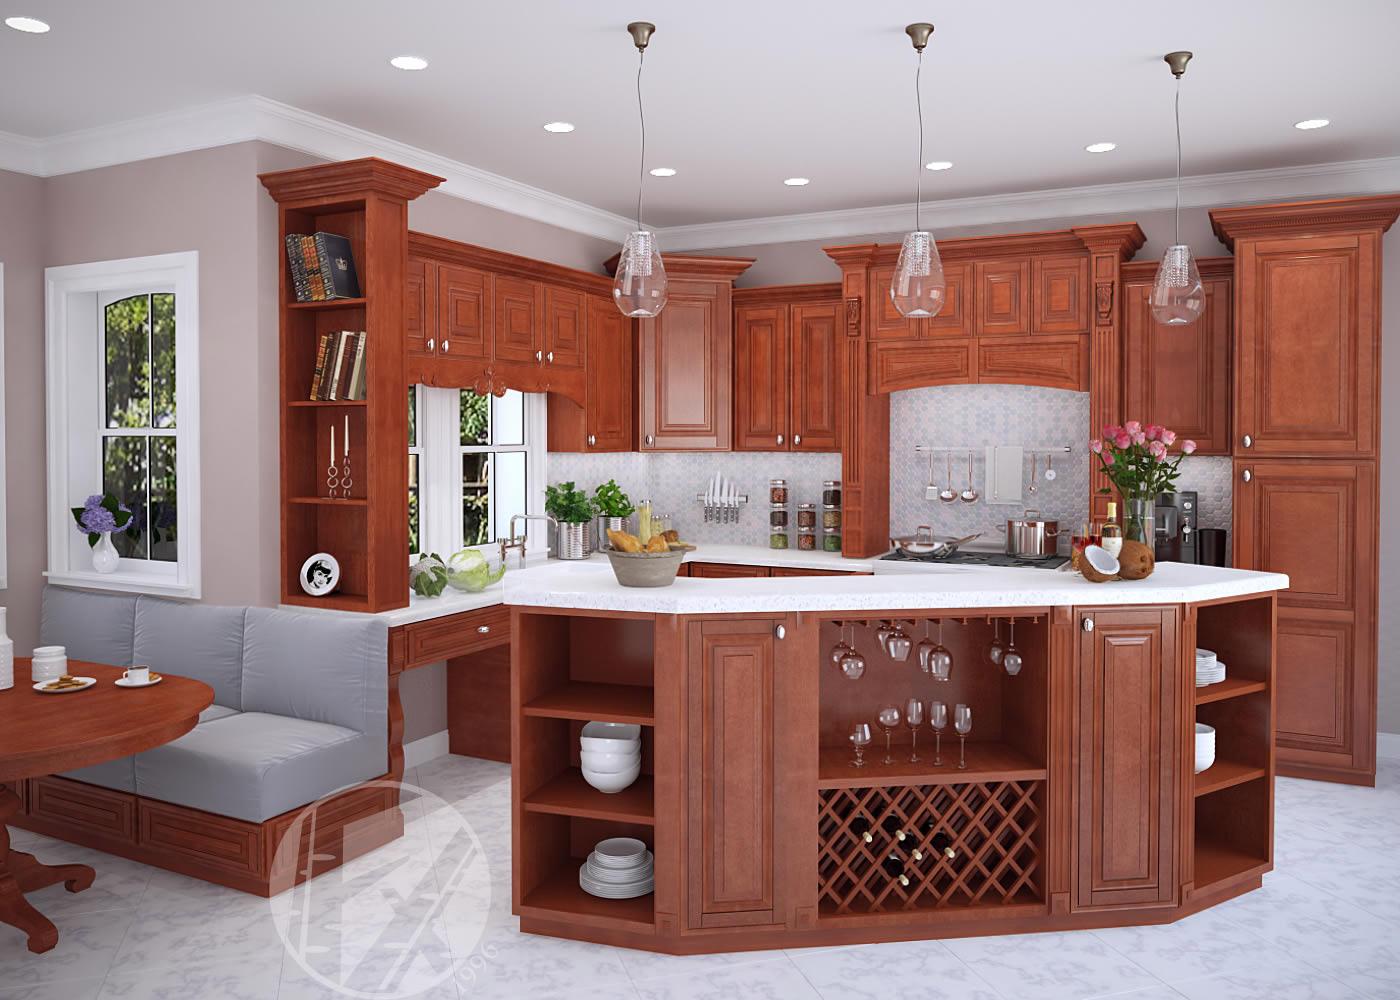 Fu Xiang Cabinets Memsahebnet - Fu xiang cabinets